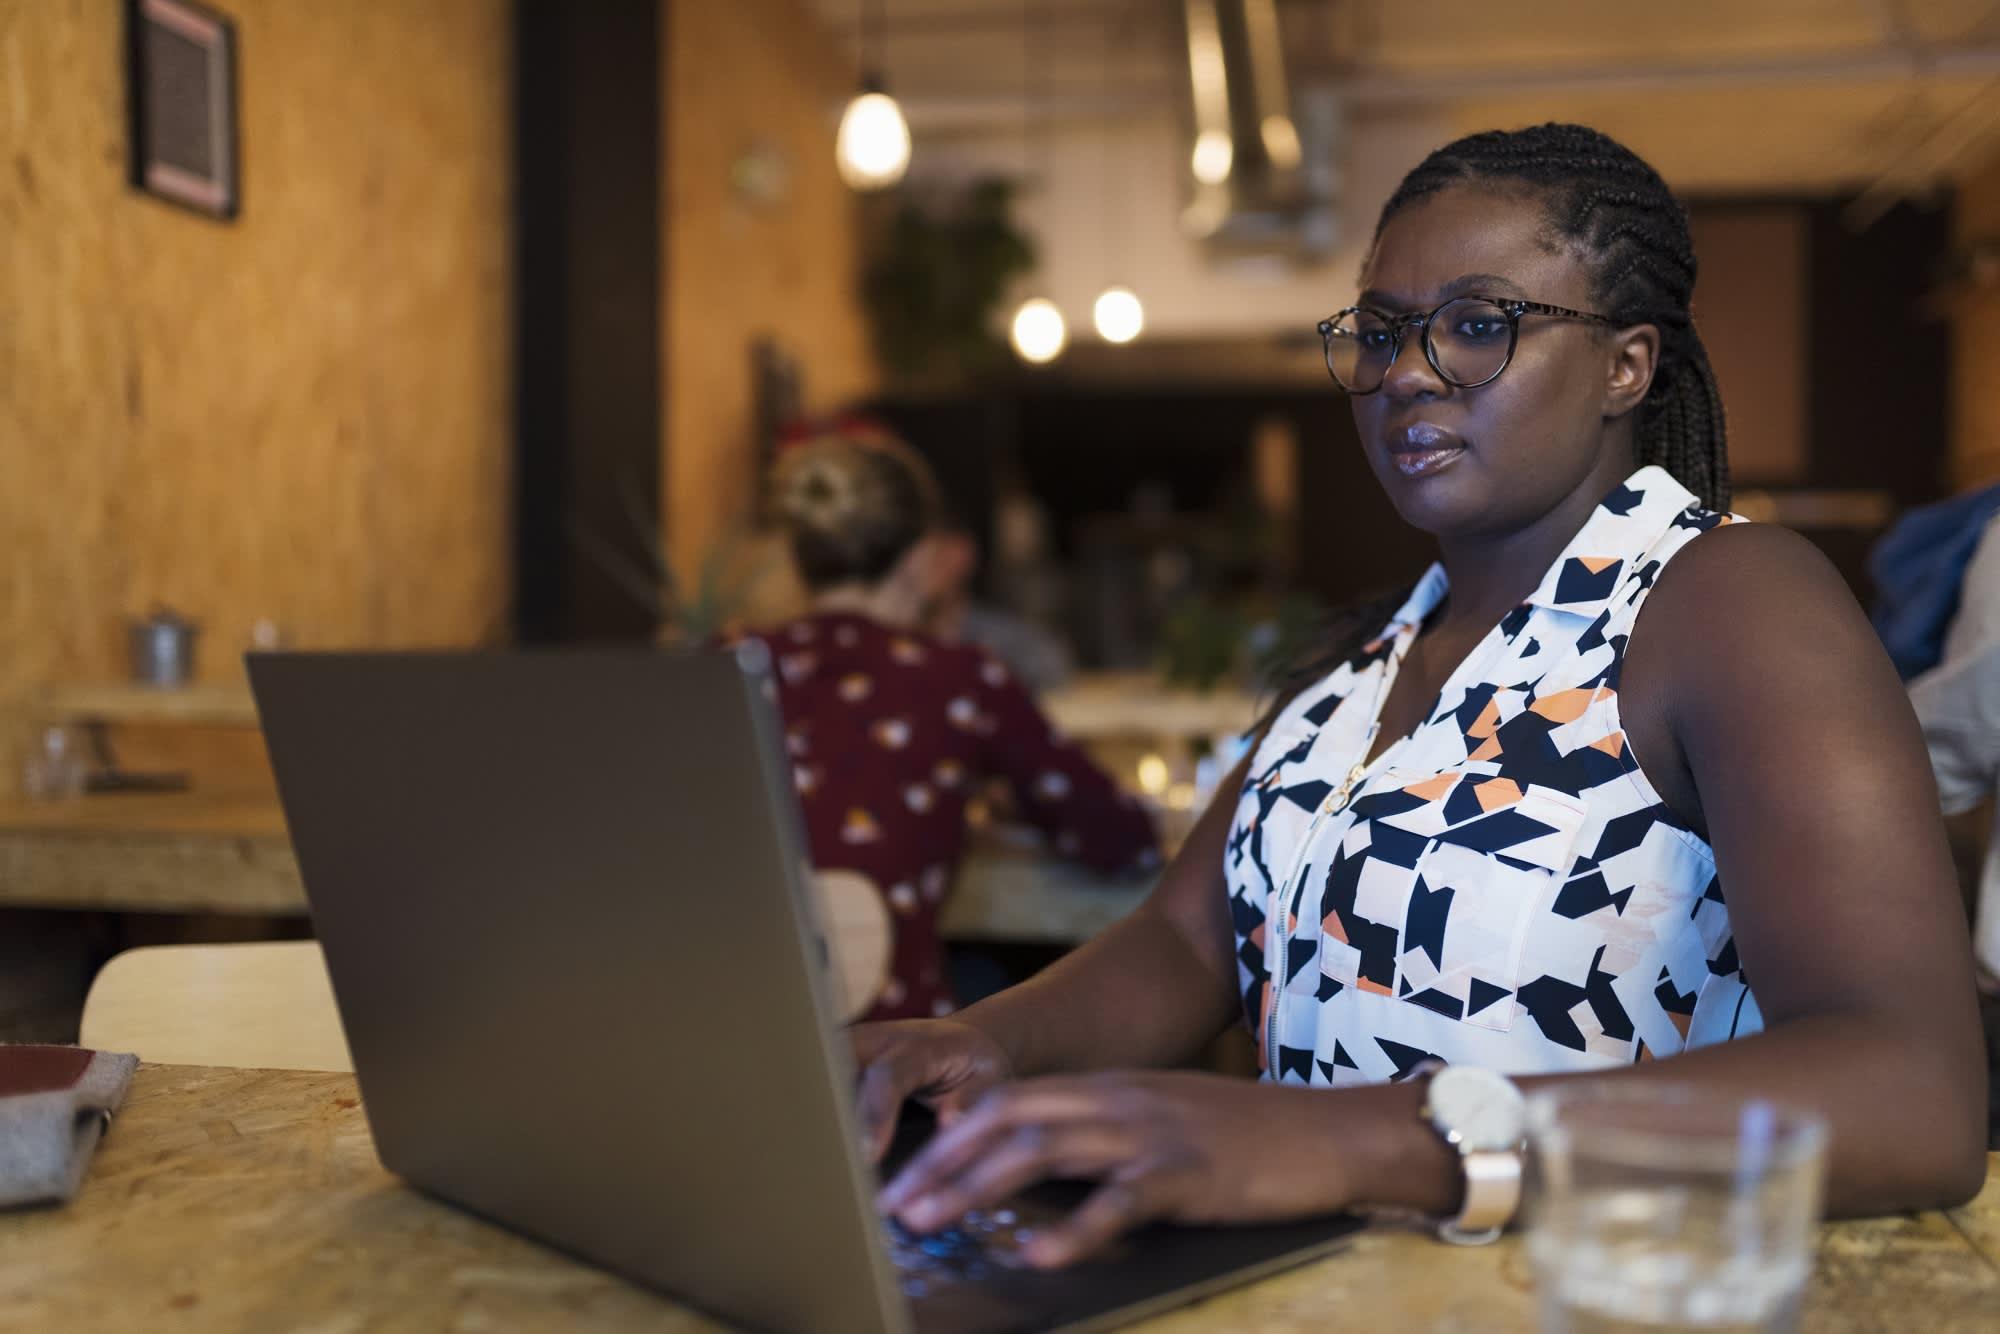 Premium:laptop in cafe